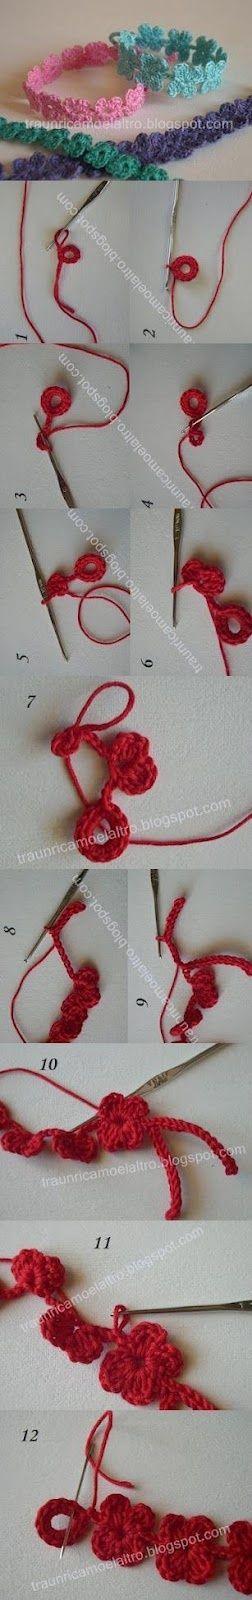 Cosas que adoro en manualidades y hazlo t mismo crochet - Hazlo tu mismo manualidades ...